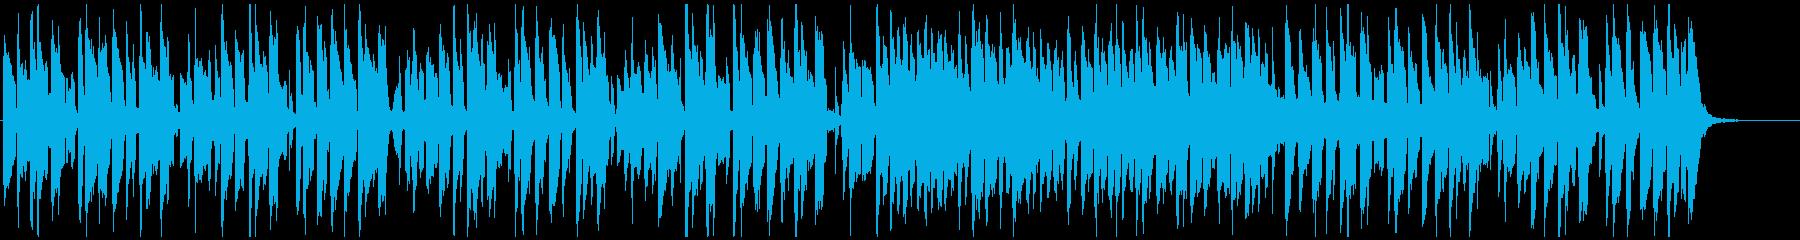 シンプルなリコーダー、ゆるいコメディ劇伴の再生済みの波形